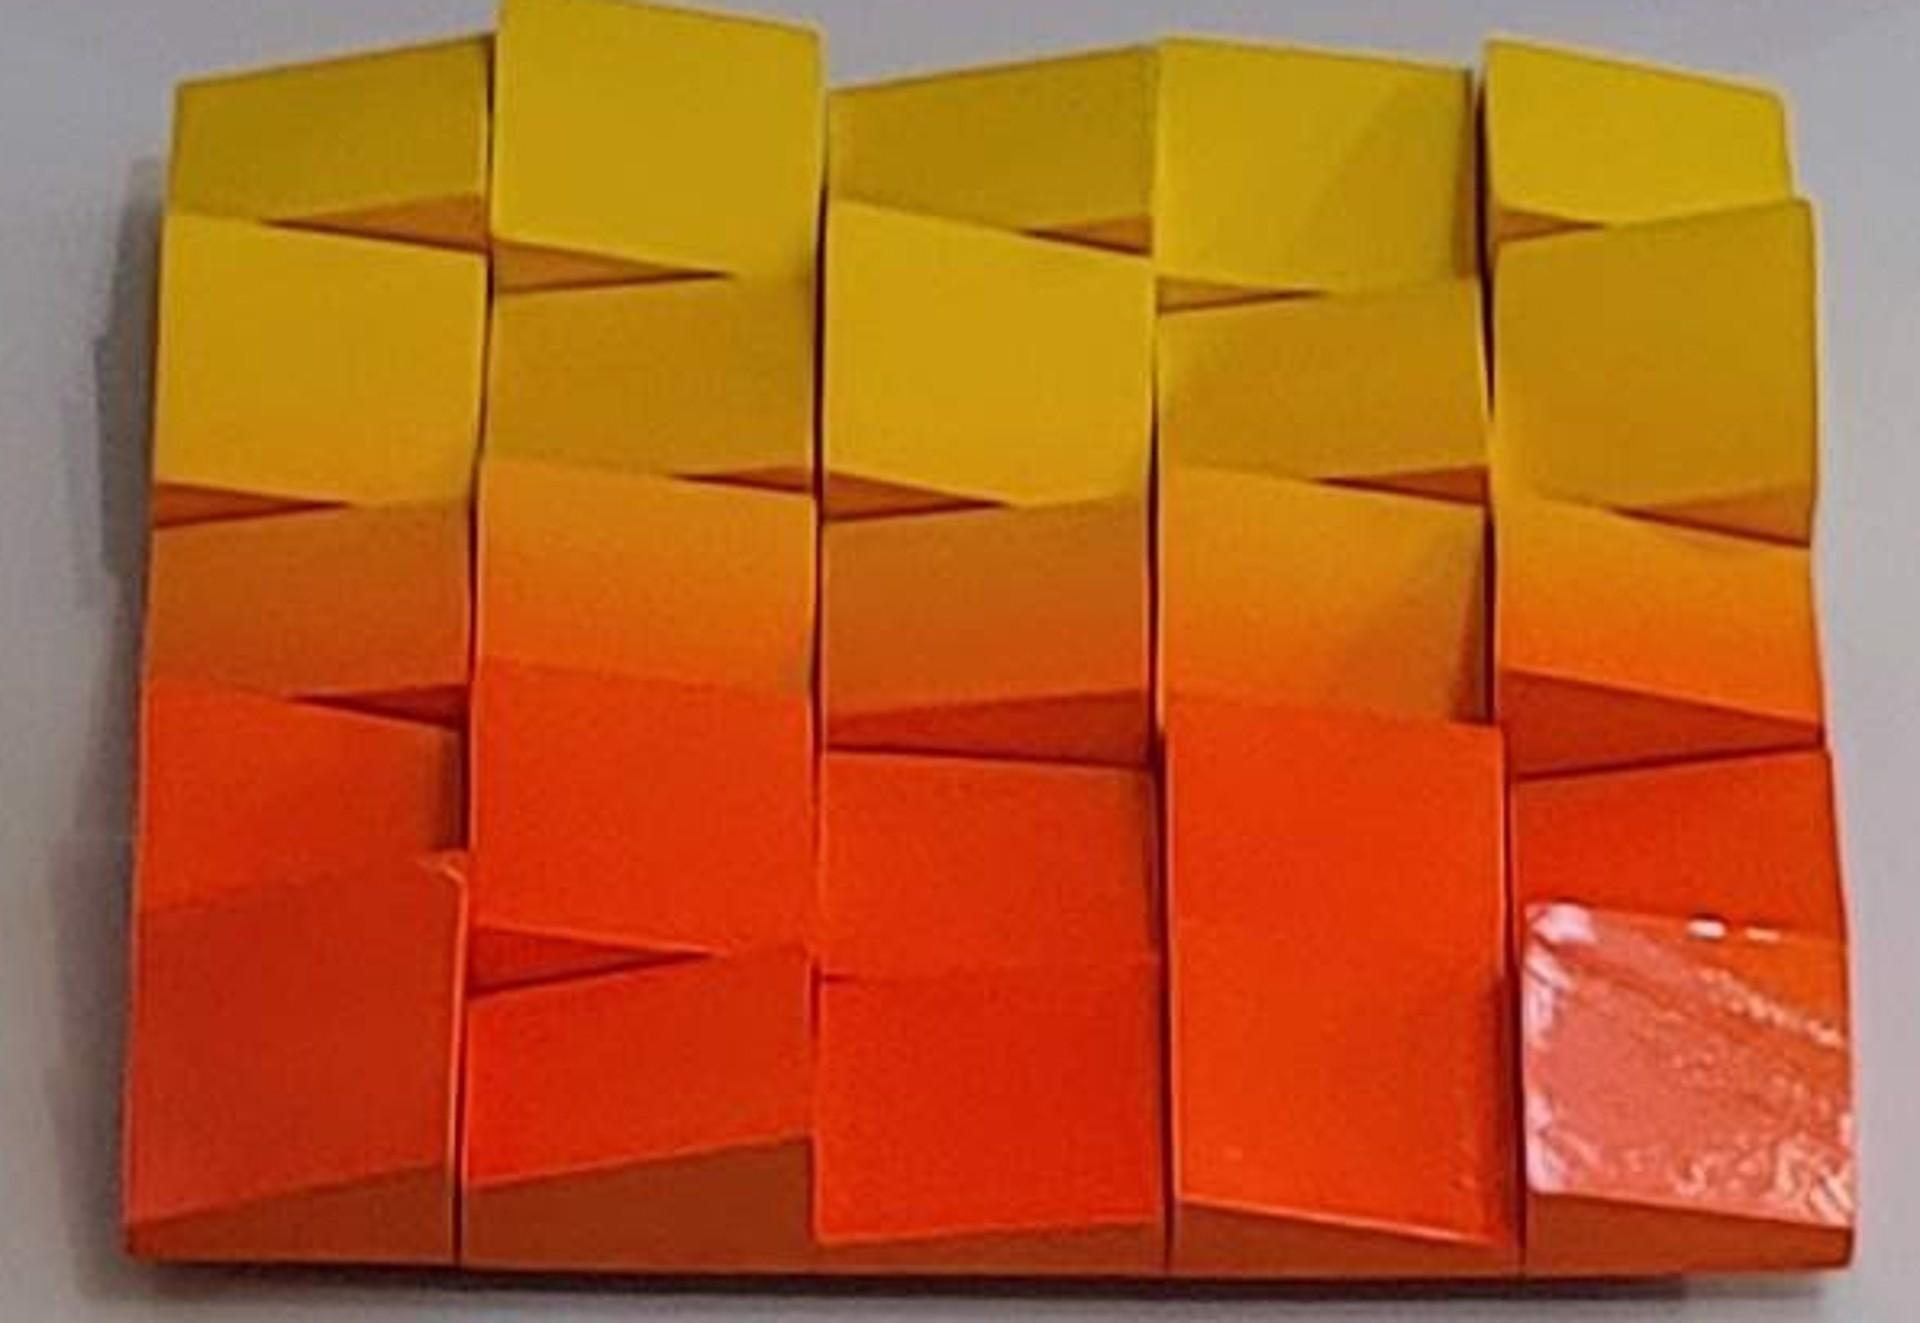 Neon Waves Orange/Yellow Ombre by Efi Mashiah